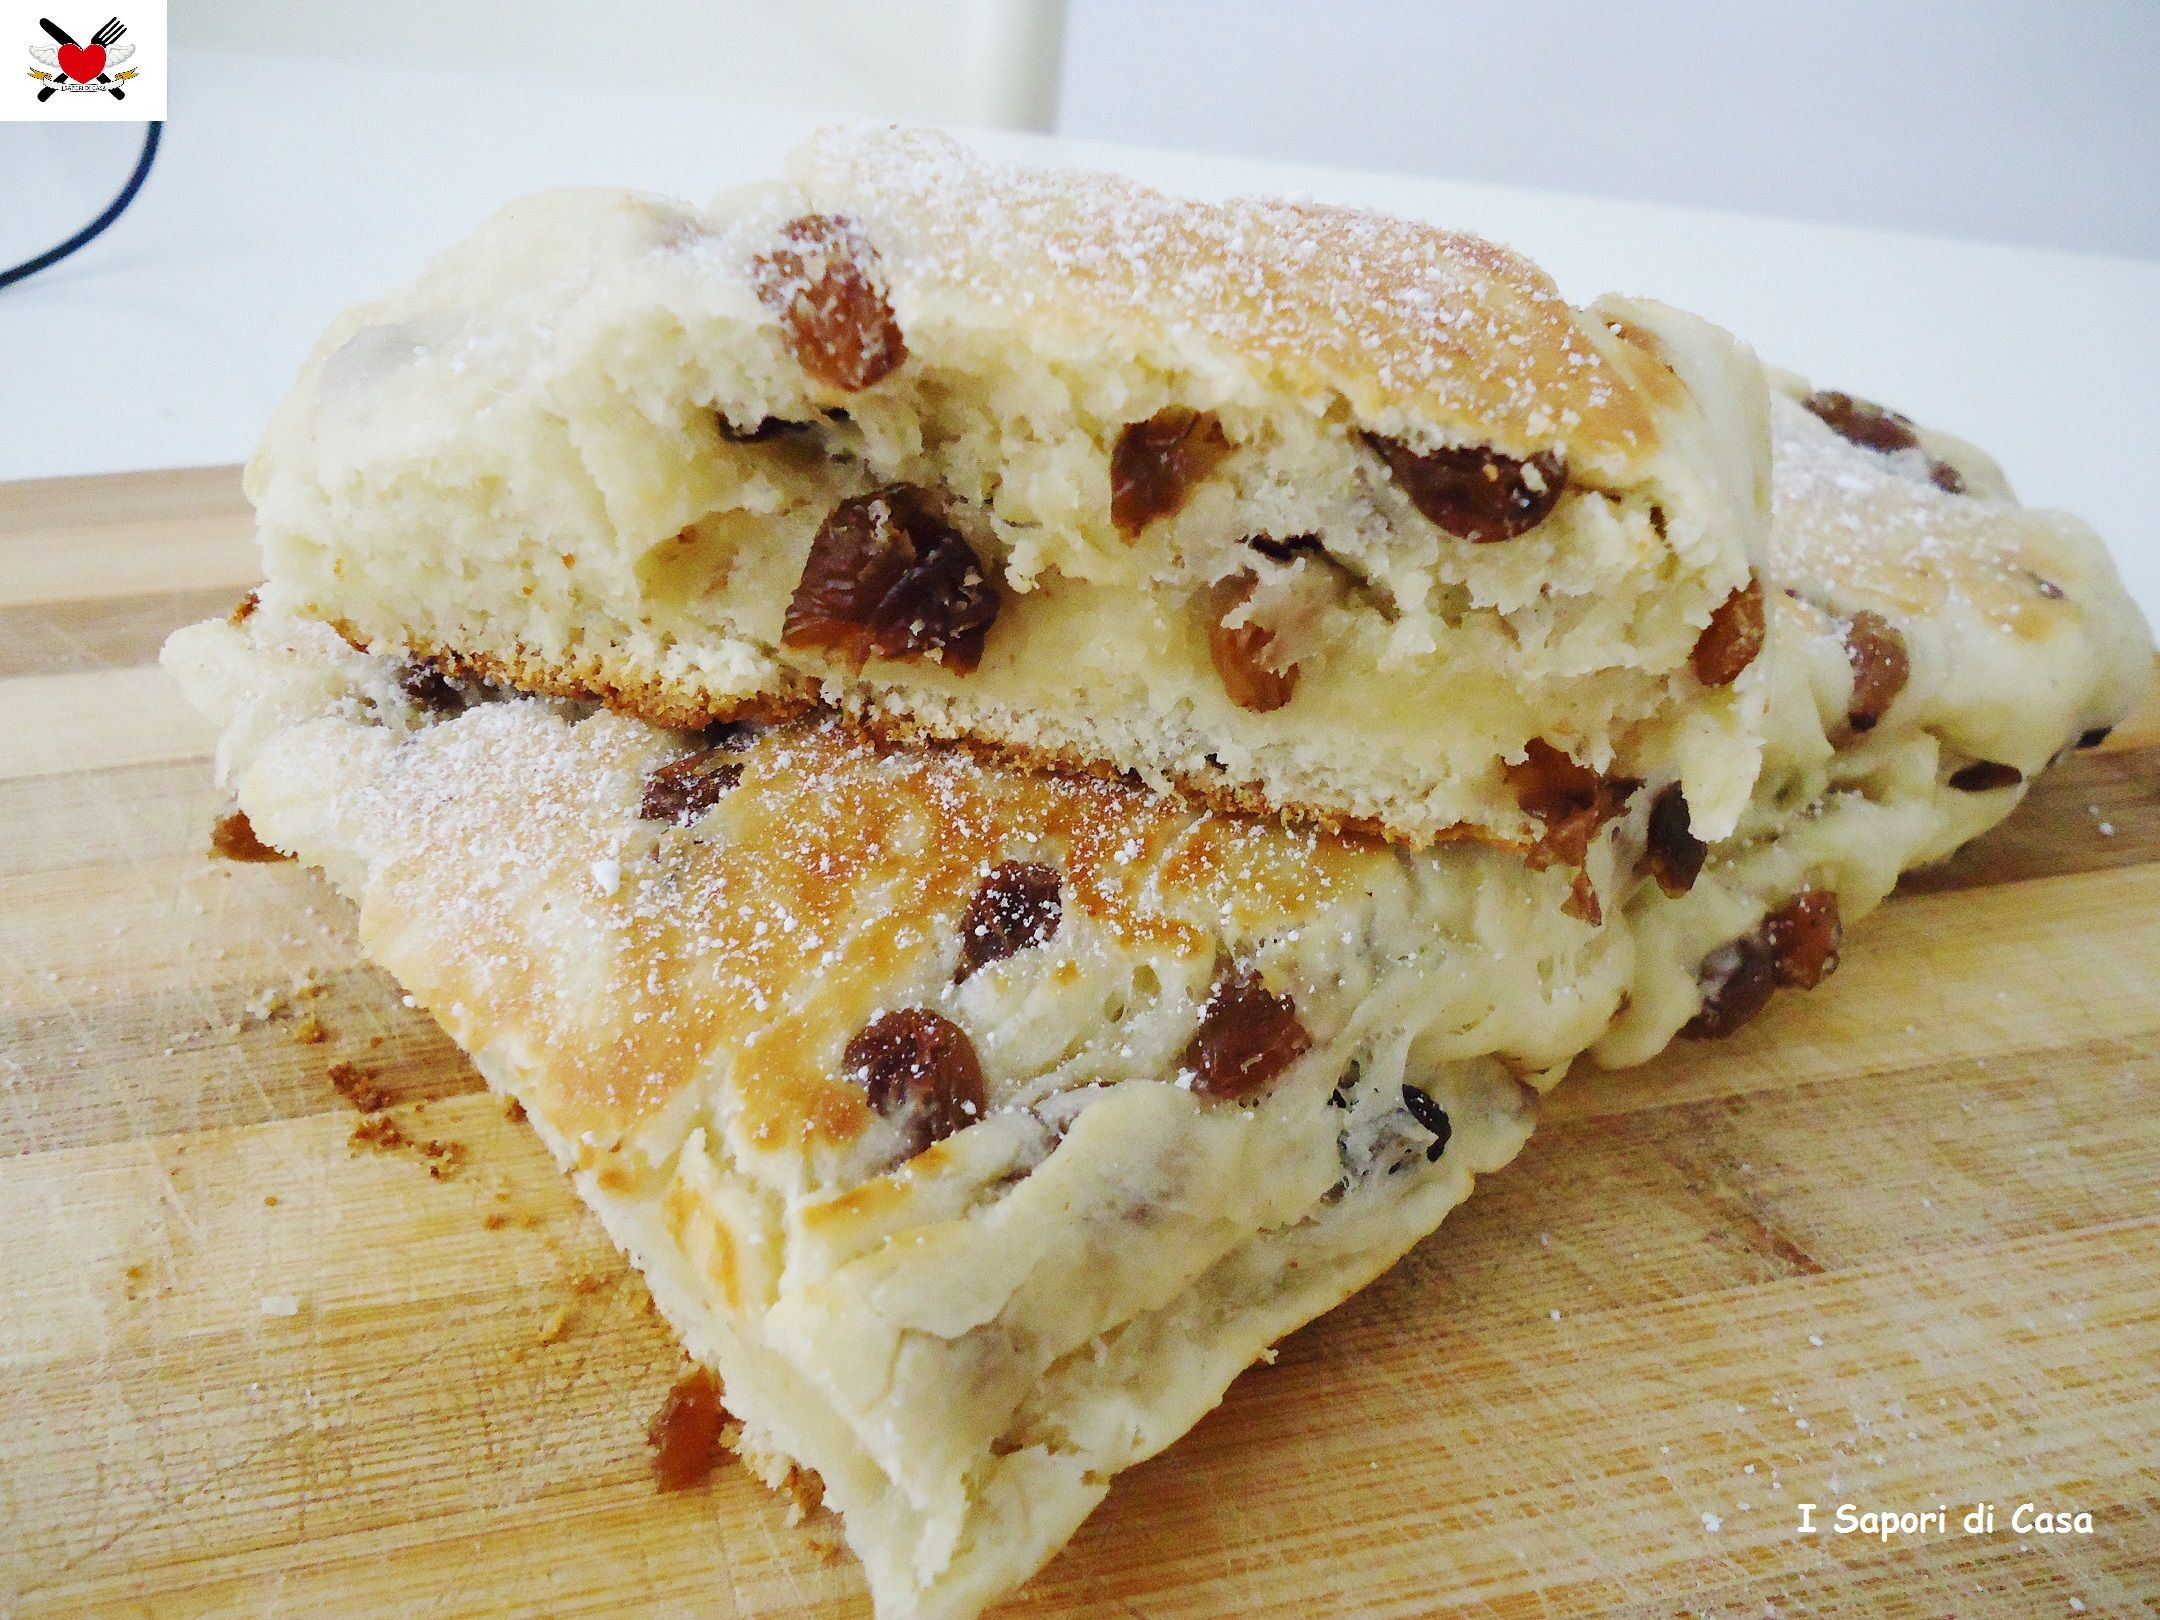 Ricette dolci con uvetta bimby ricette popolari sito for Ricette bimby dolci